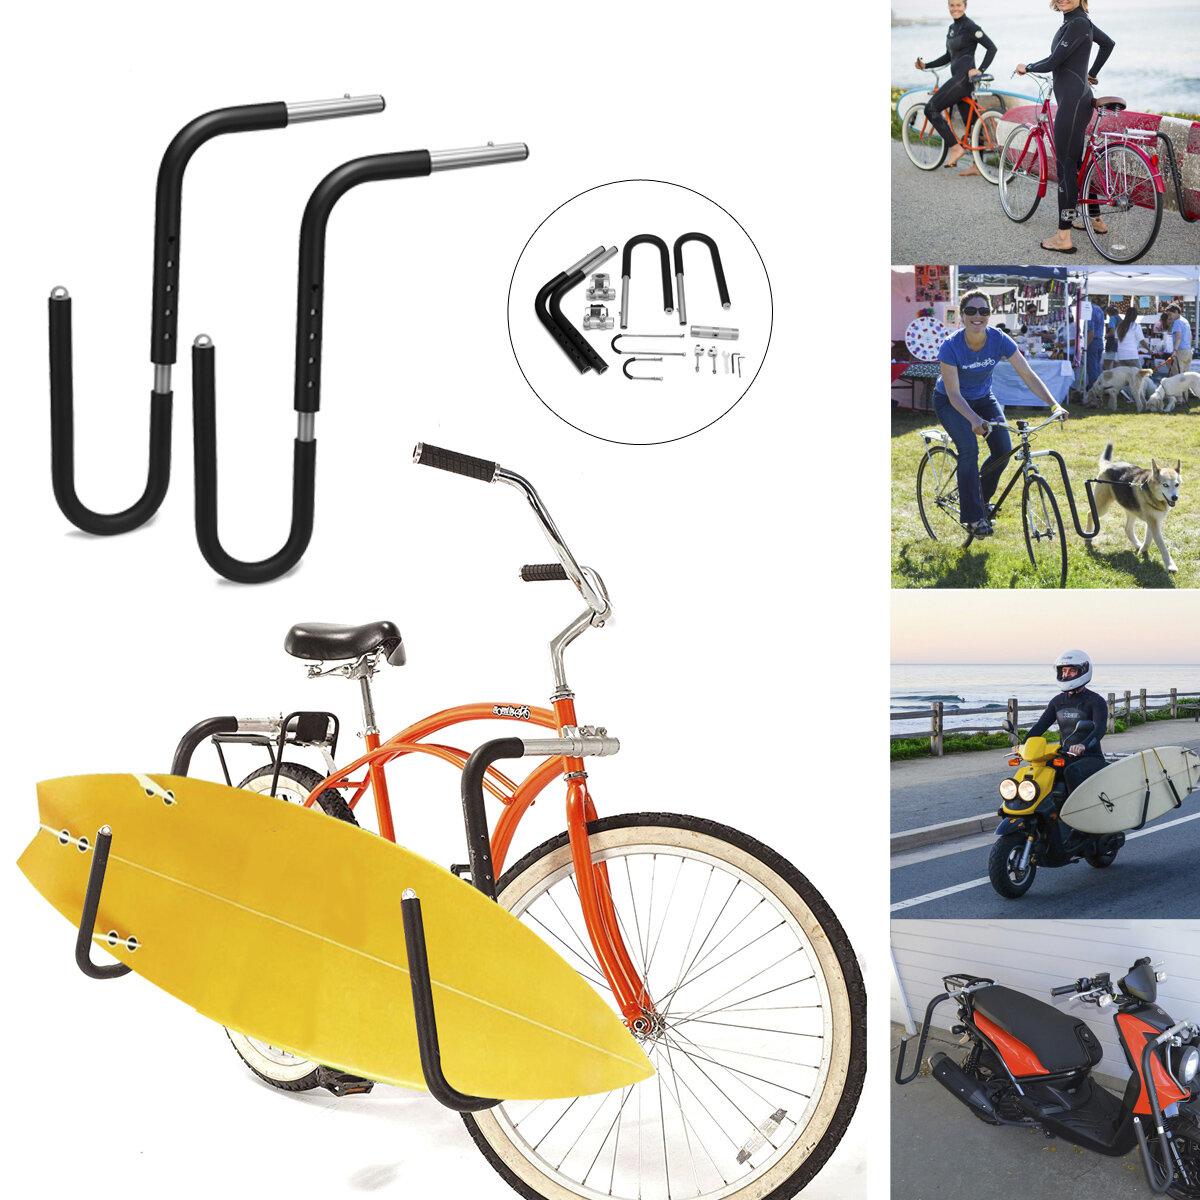 Soporte para tablas de surf para bicicletas Moto Soporte para tablas de surf Soporte lateral para bicicletas al aire lib